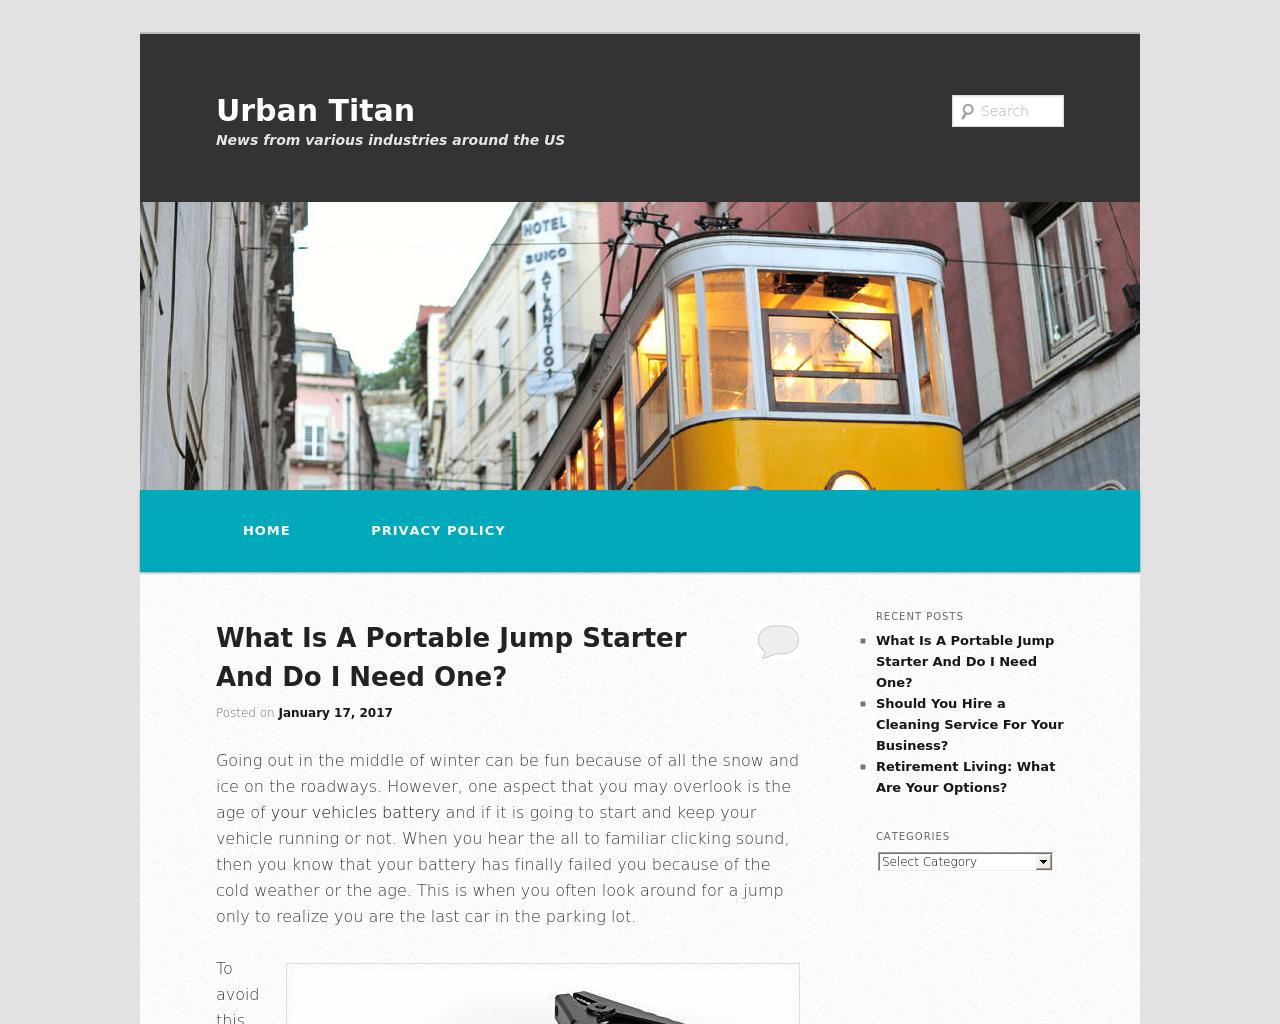 Urban-Titan-Advertising-Reviews-Pricing